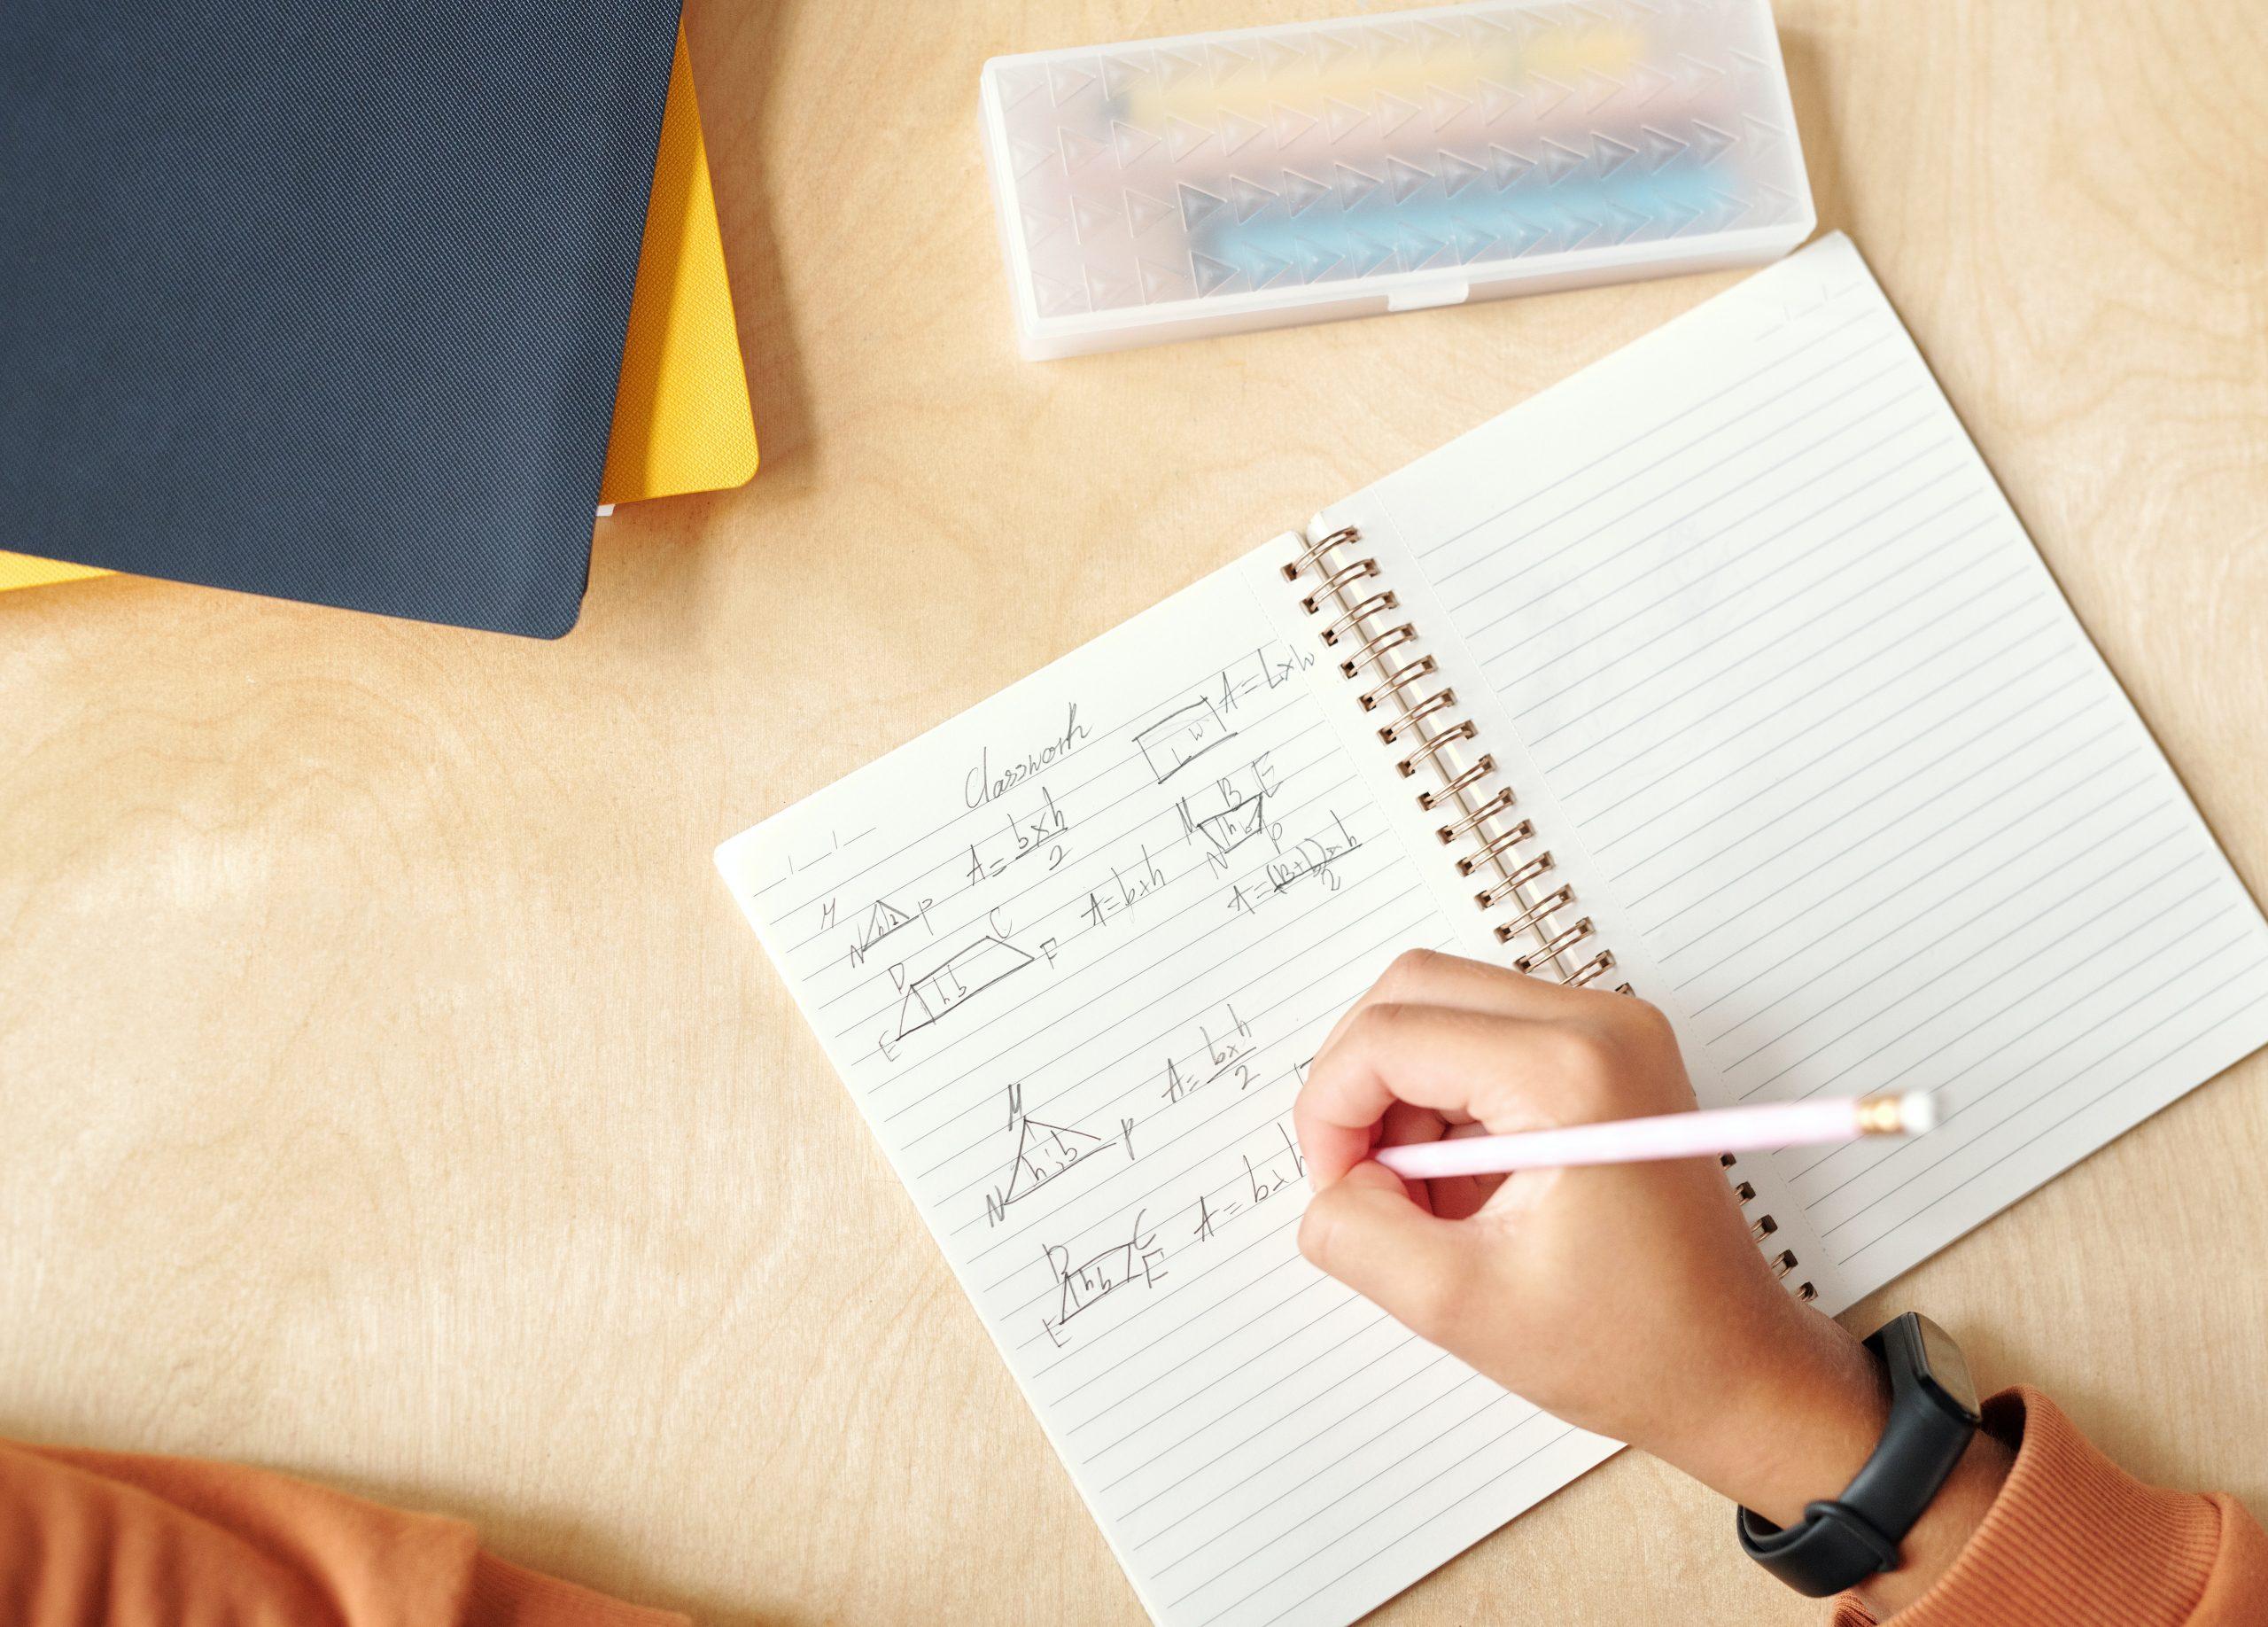 Aprendizaje enfocado en el estudiante: algunas claves